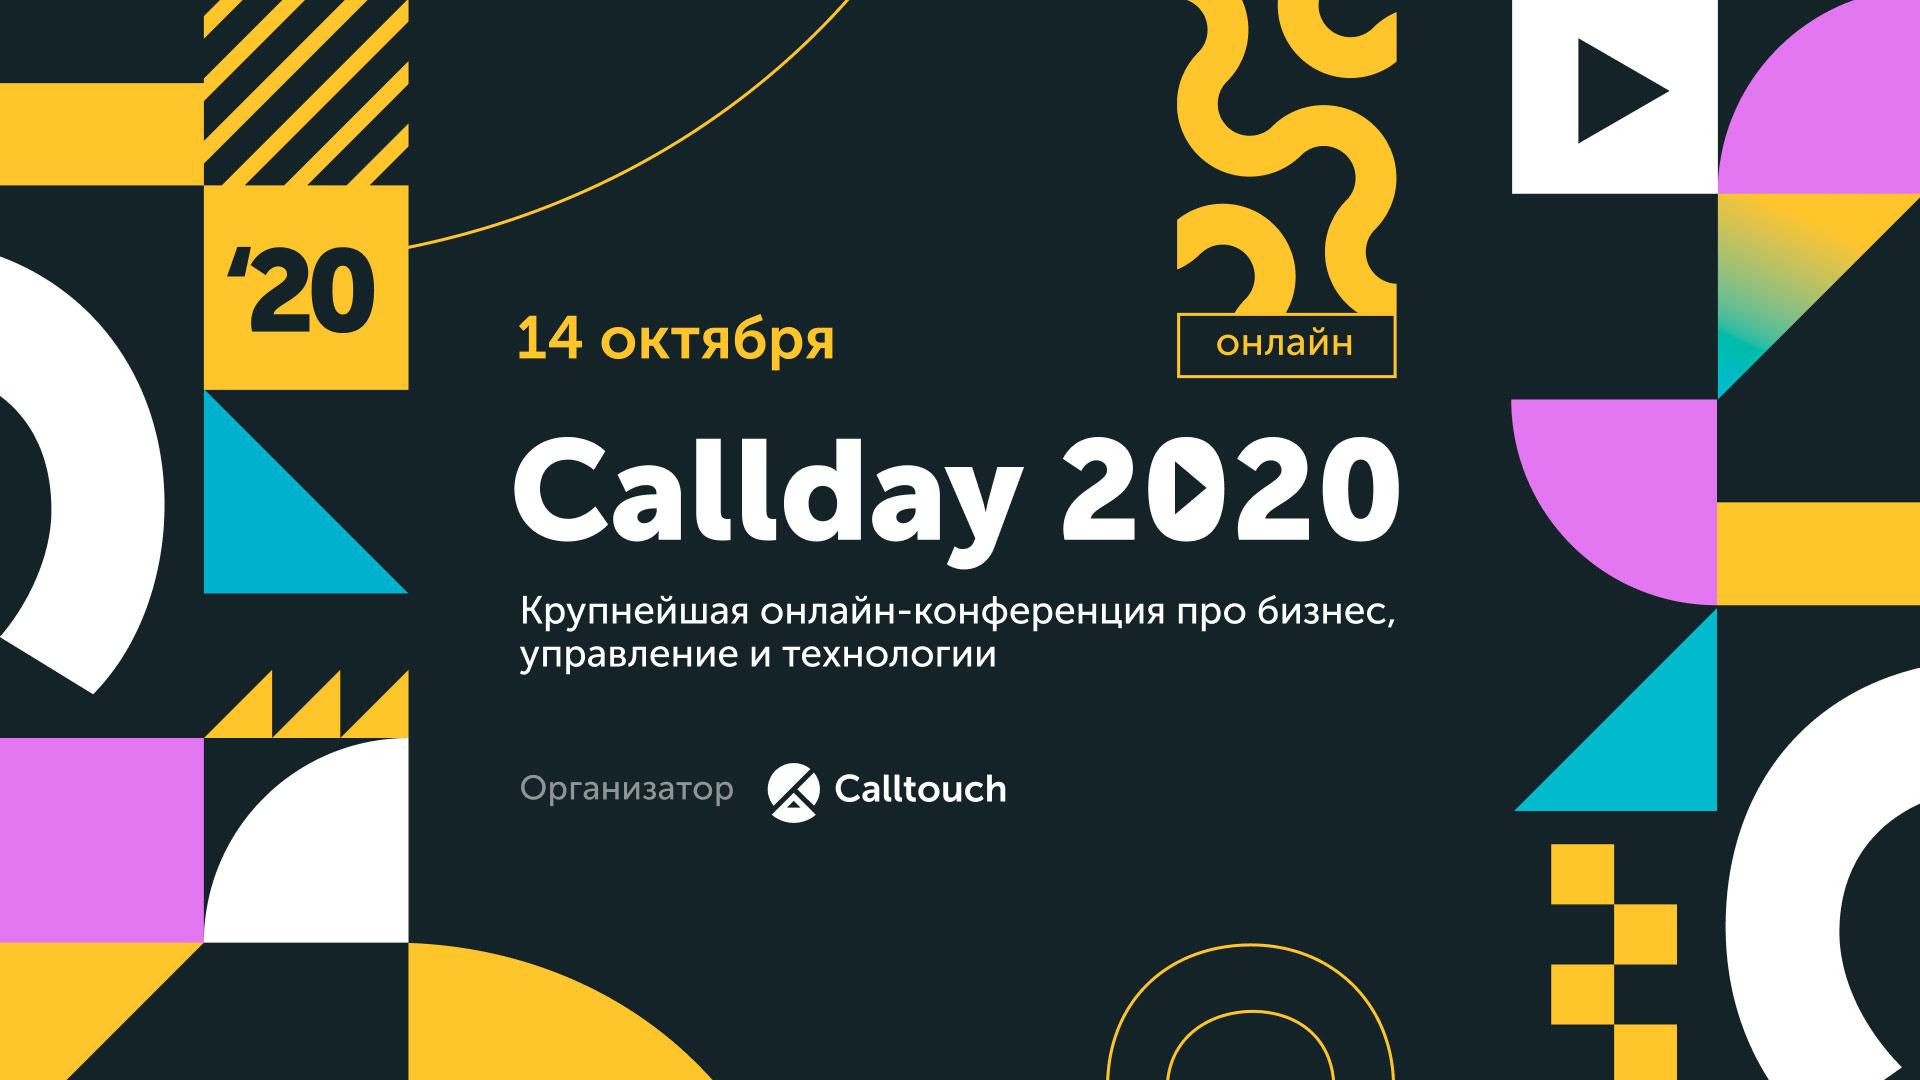 Онлайн-конференция про бизнес, управление и технологии «Callday 2020»